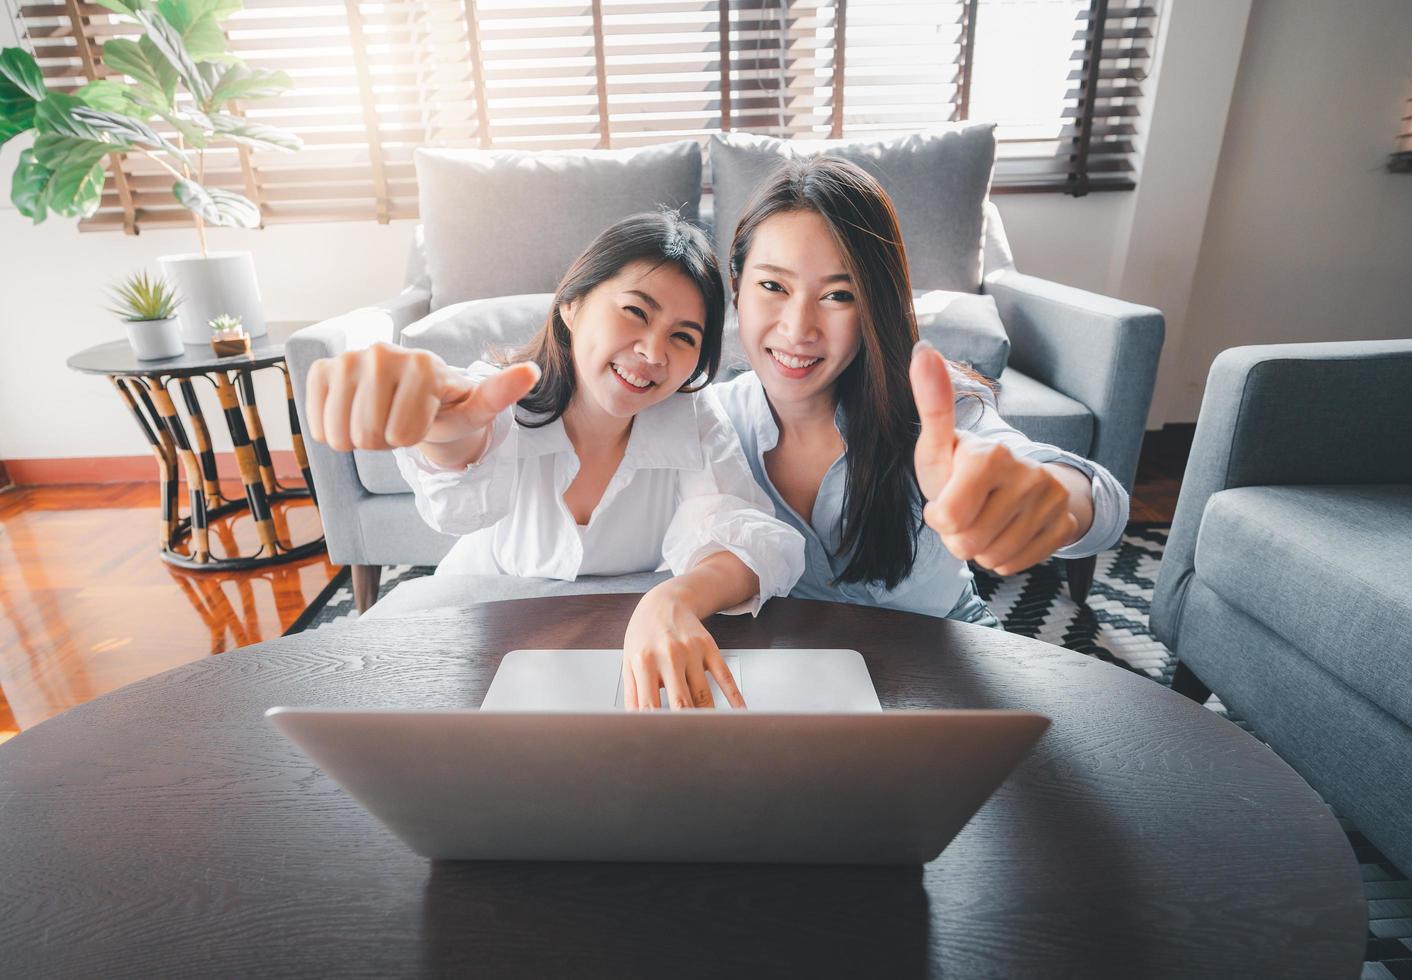 asiatische Freundinnen mit Laptop geben Daumen hoch Geste foto